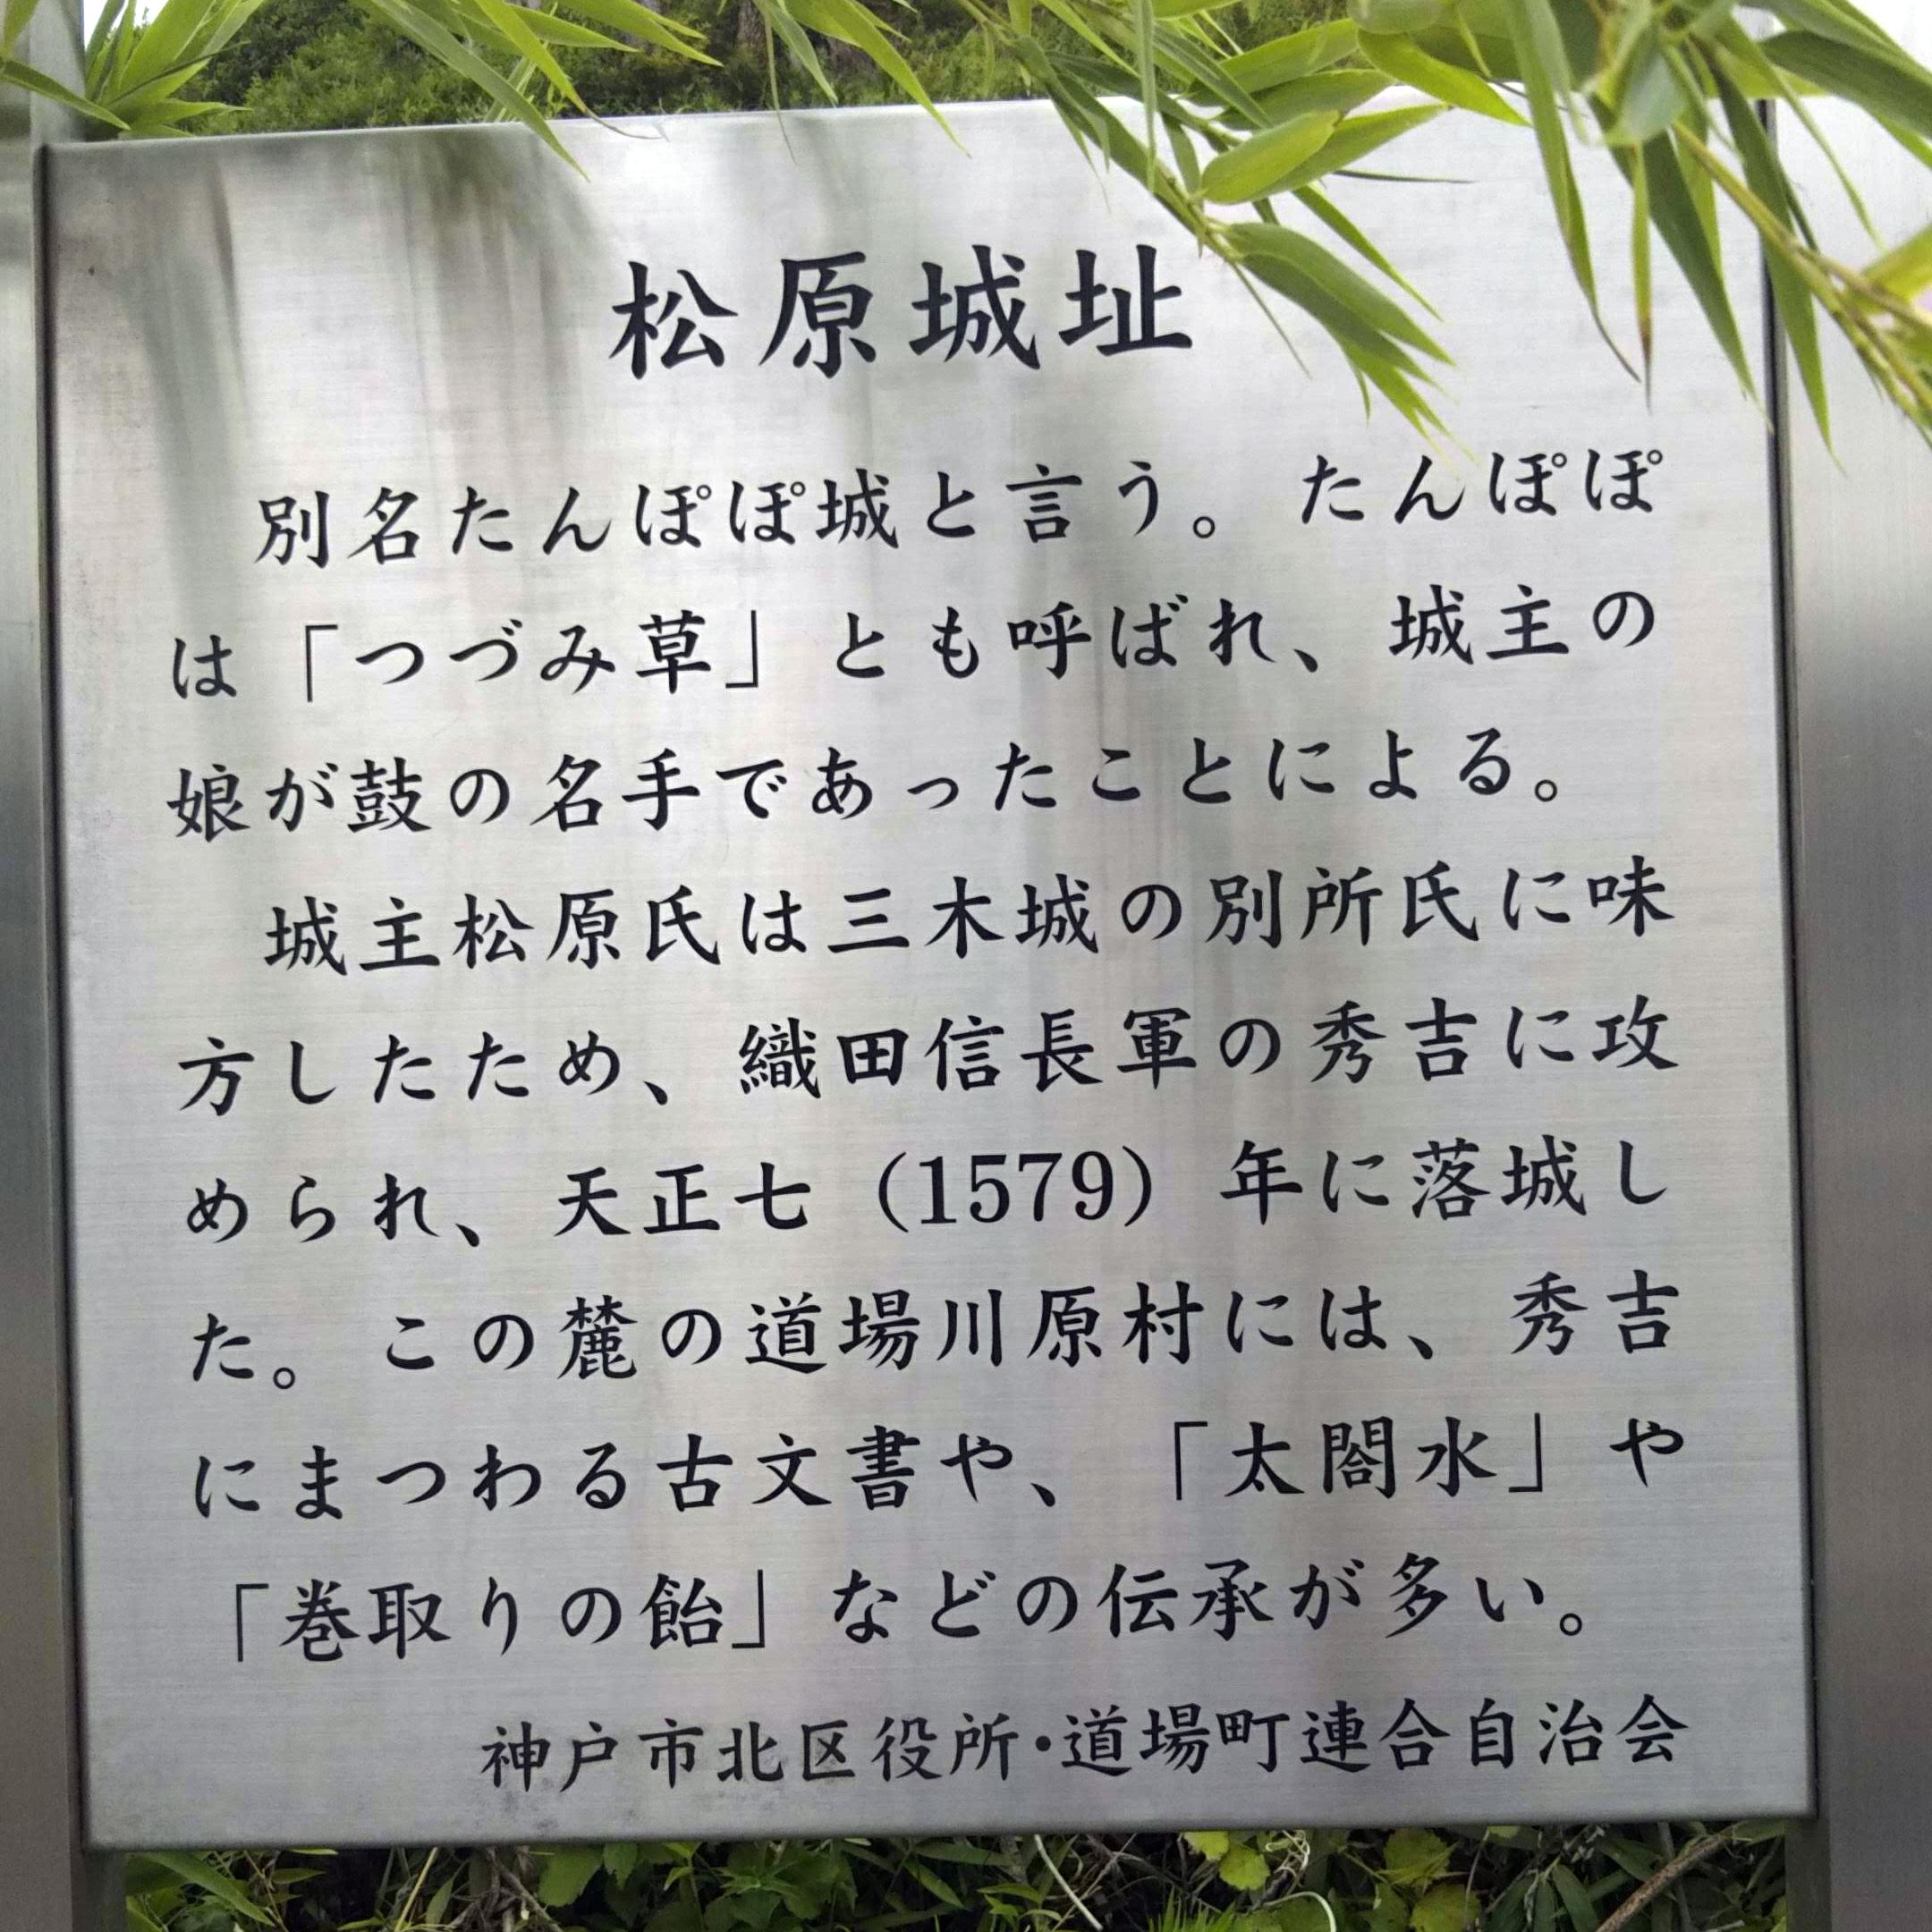 松原城(たんぽぽ城)址案内板